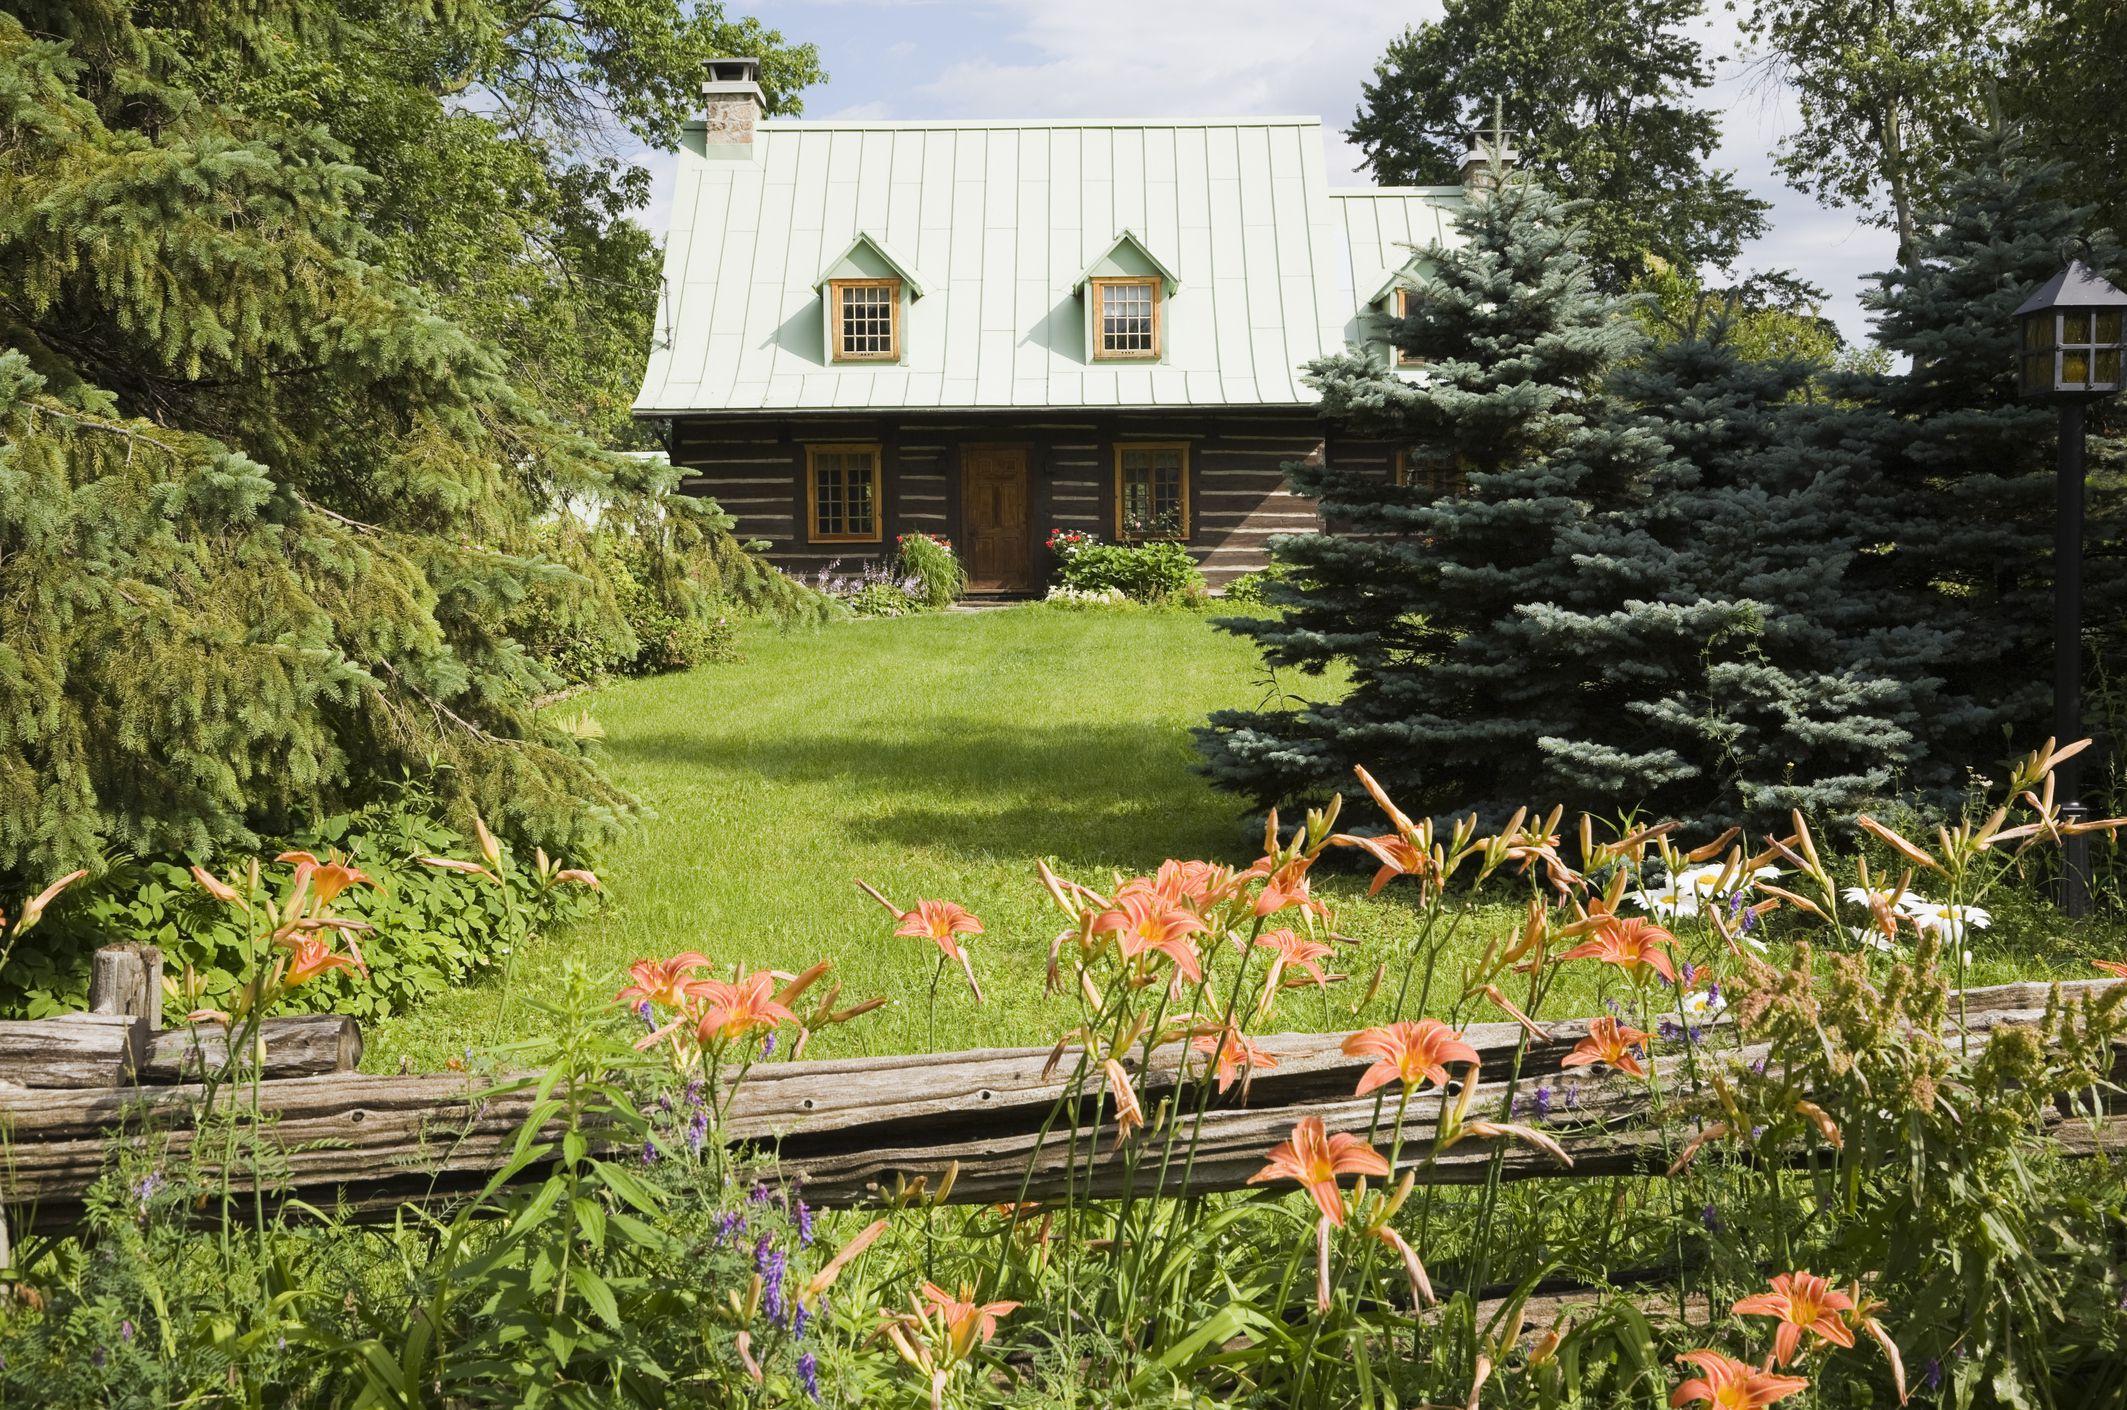 Casa rústica, con cerca rústica y plantaciones en primer plano